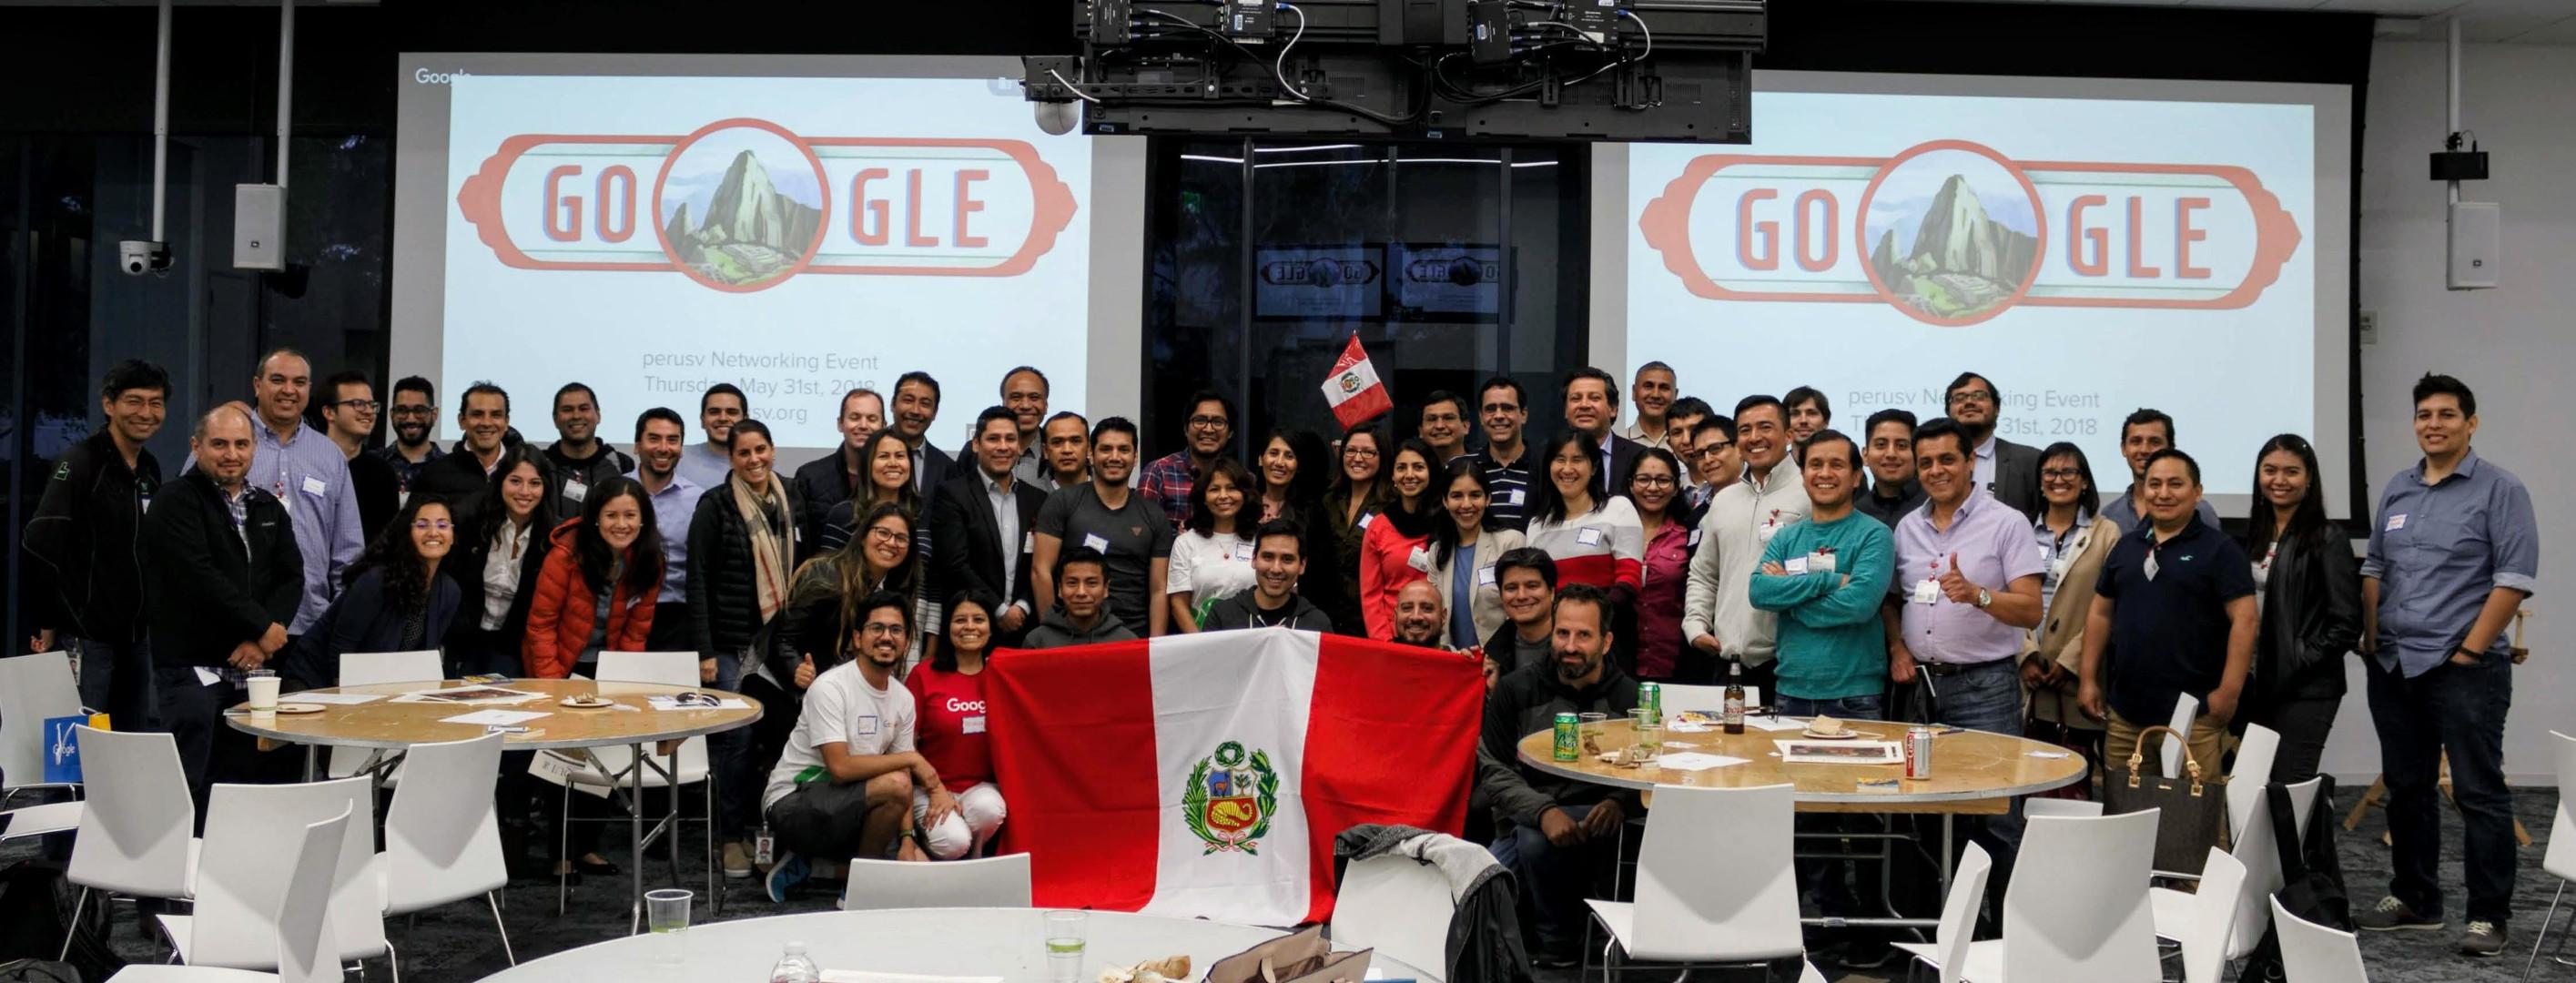 Meetup @ Google